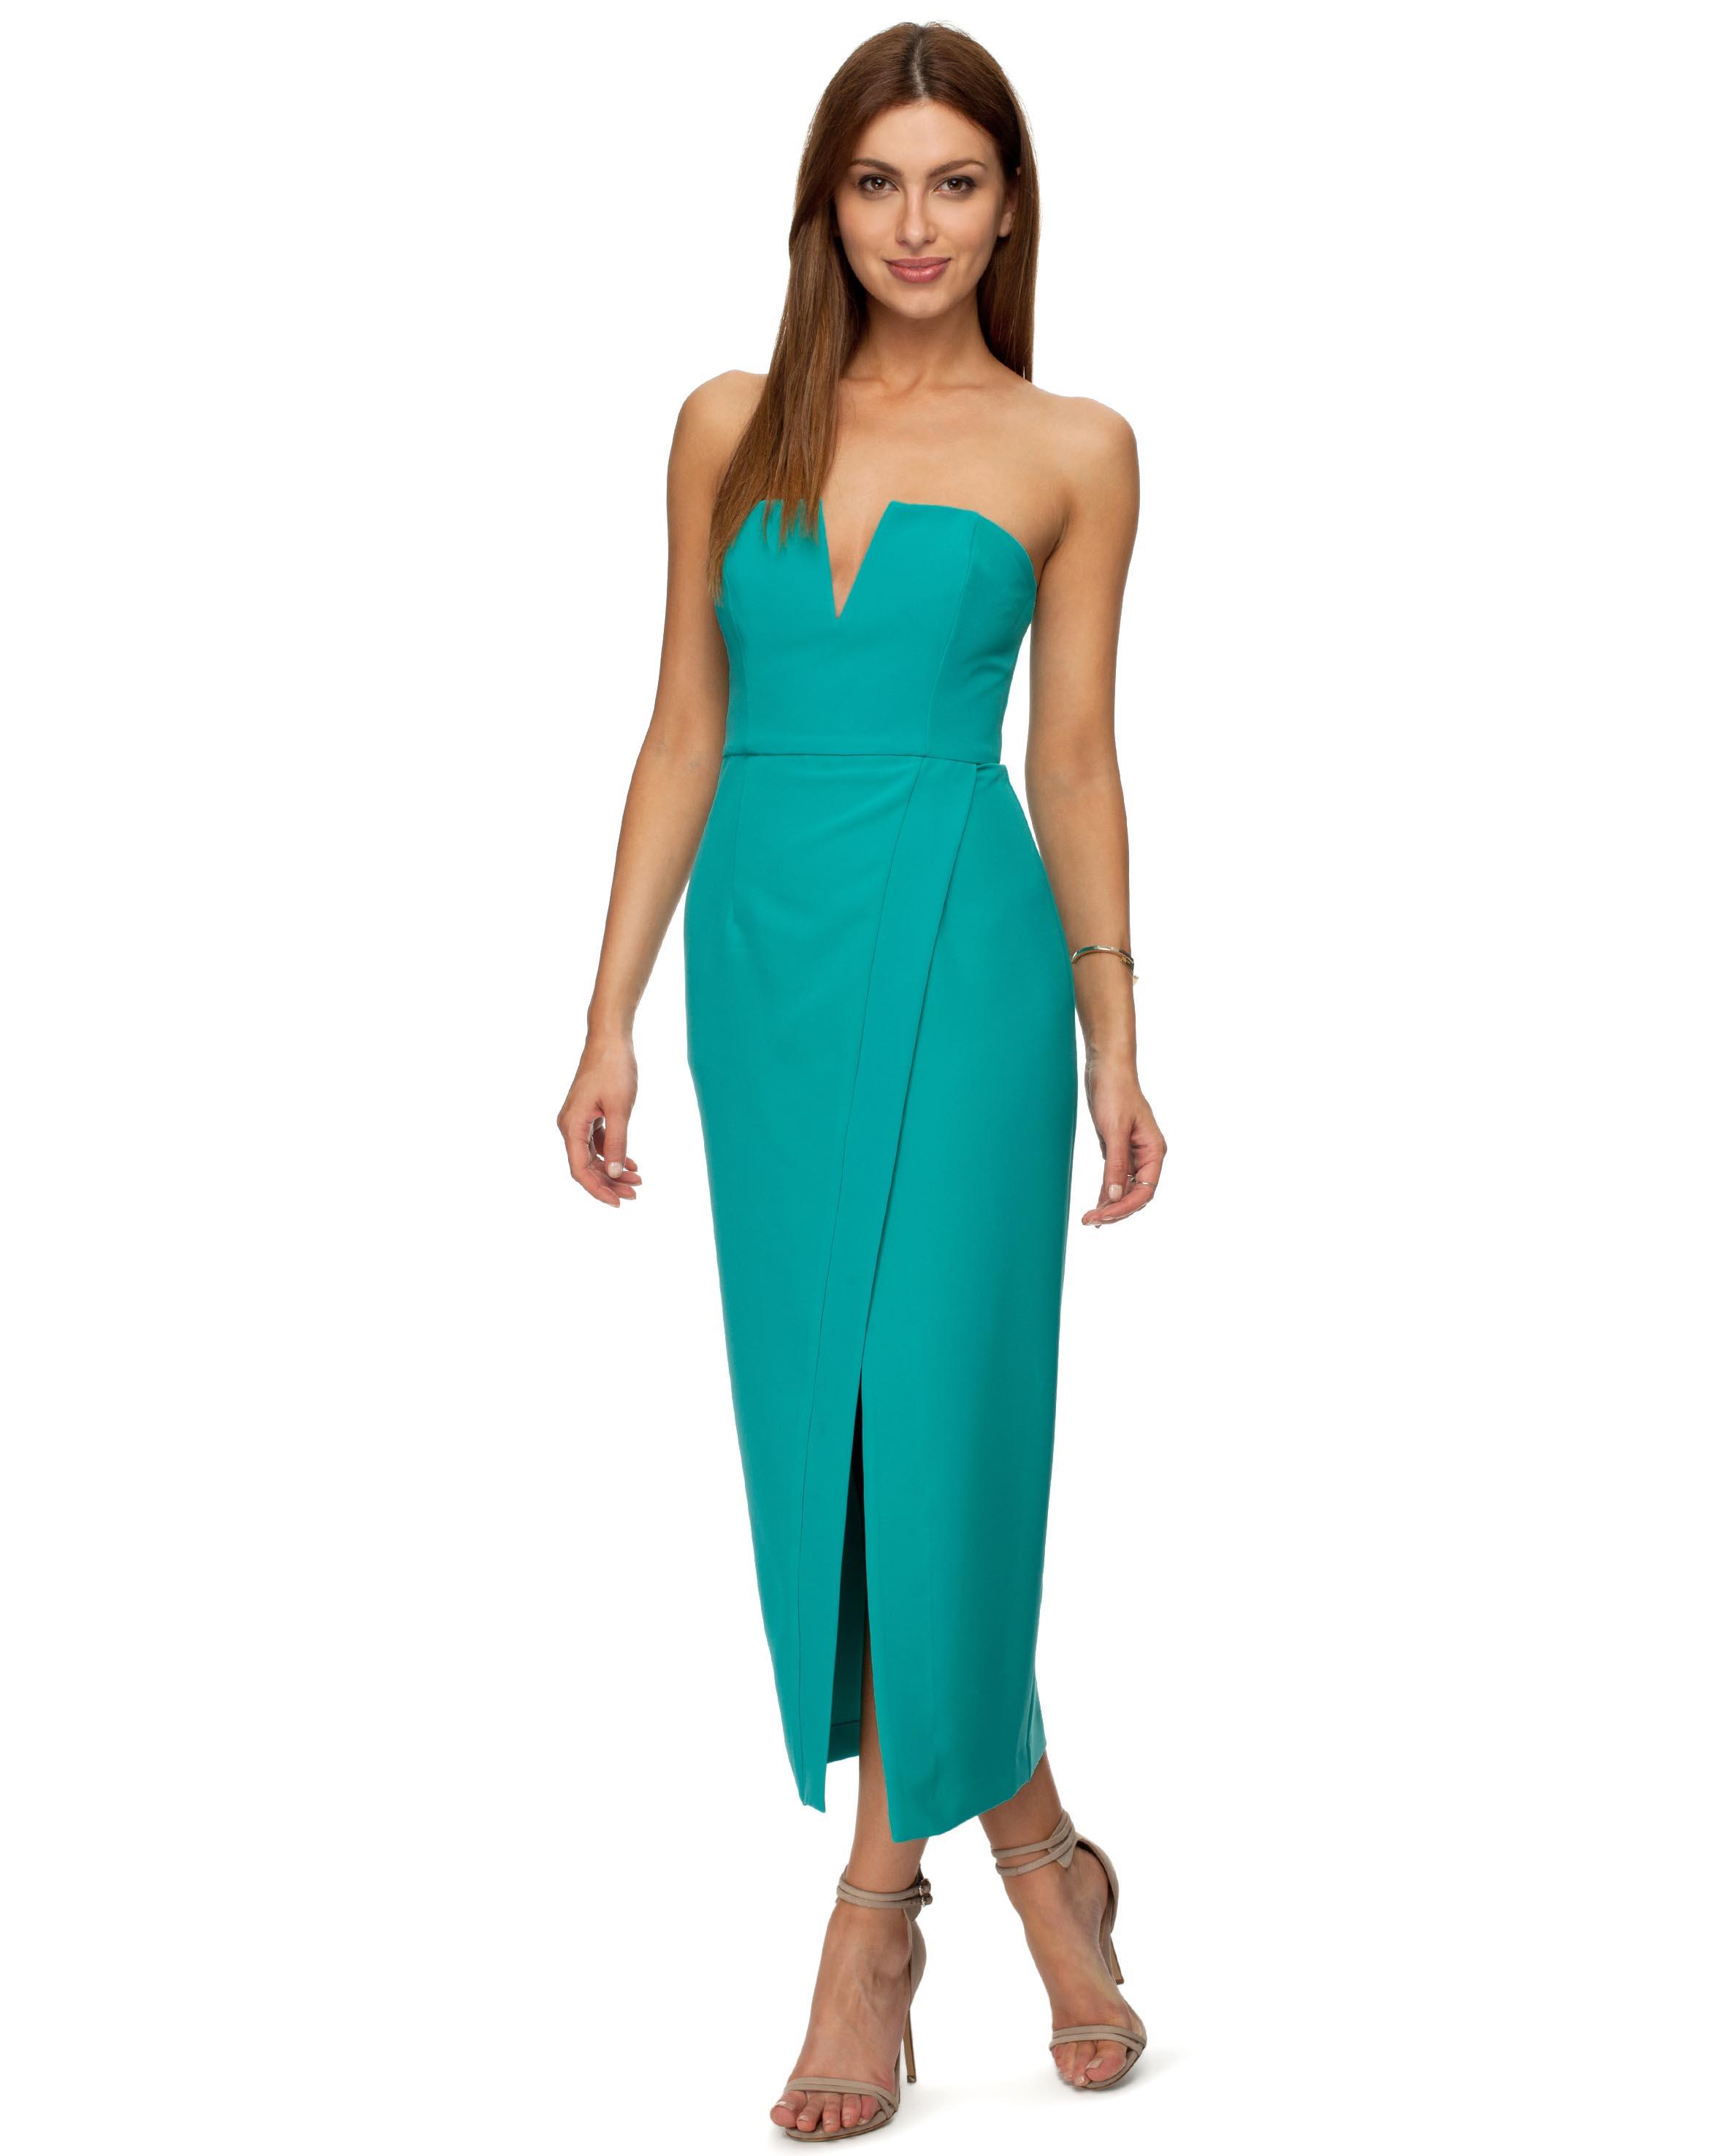 joy green lingerie